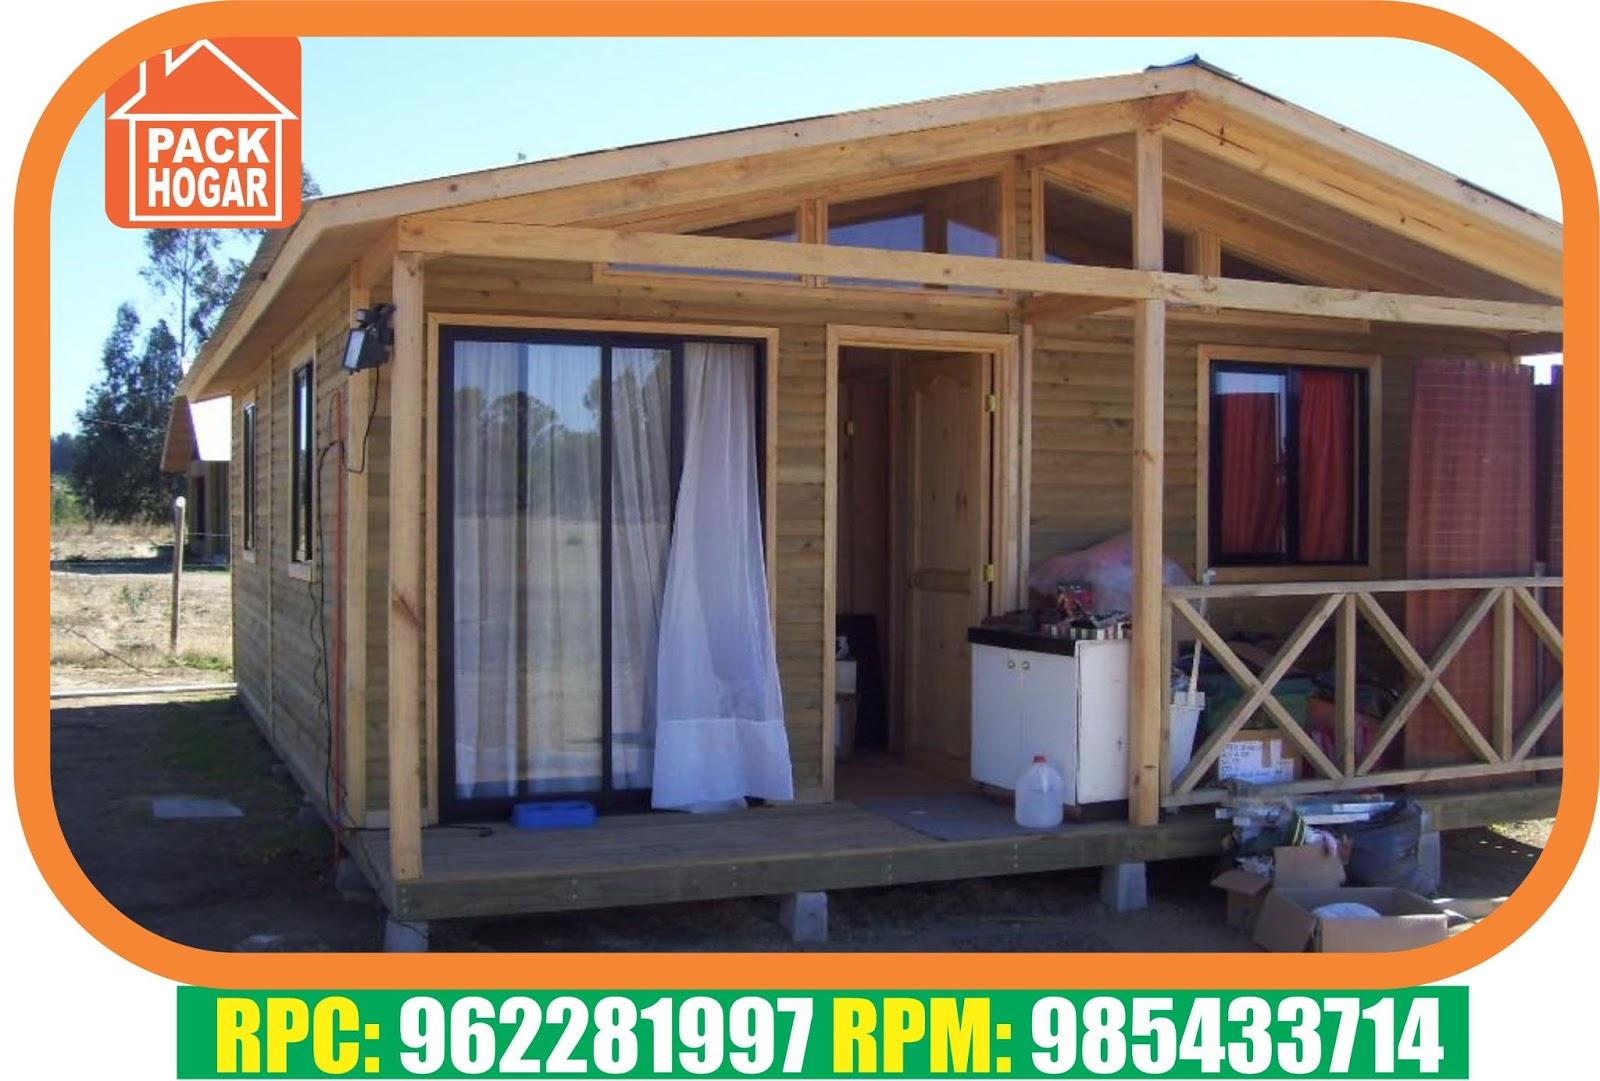 El carpintero trae tu alma a una casa de madera - Como hacer una casa prefabricada ...